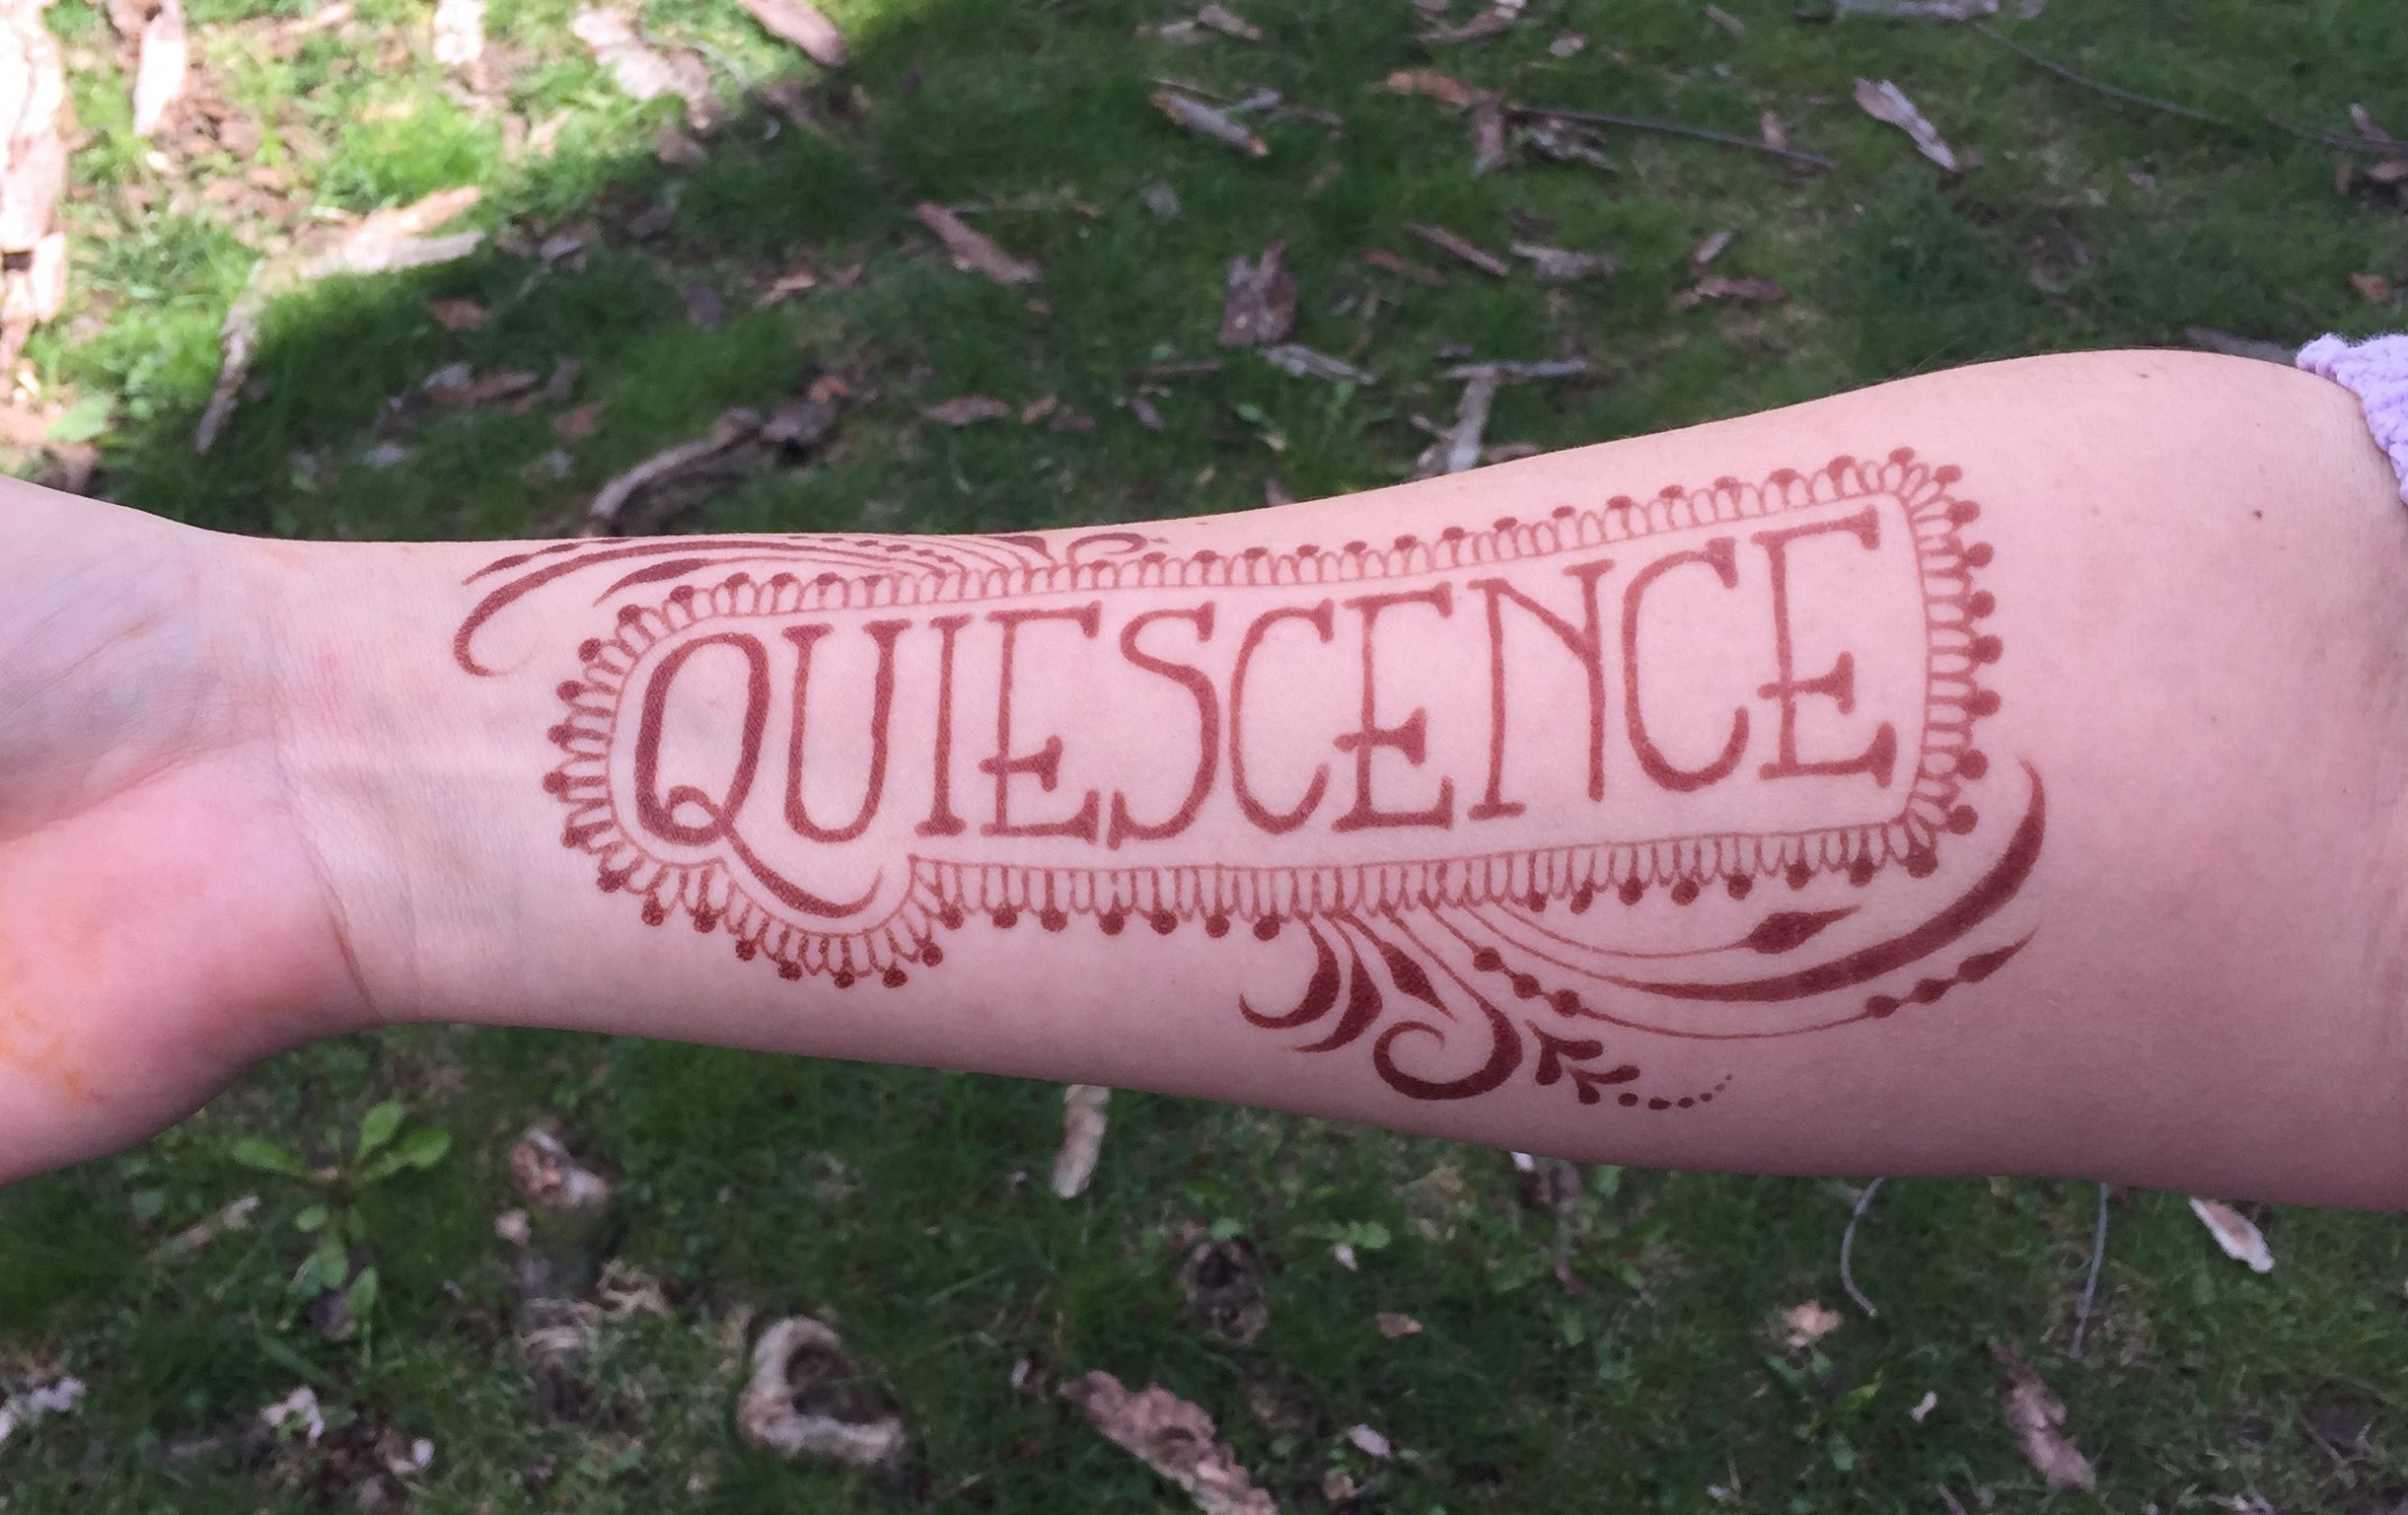 Quiescence: Henna As Meditation